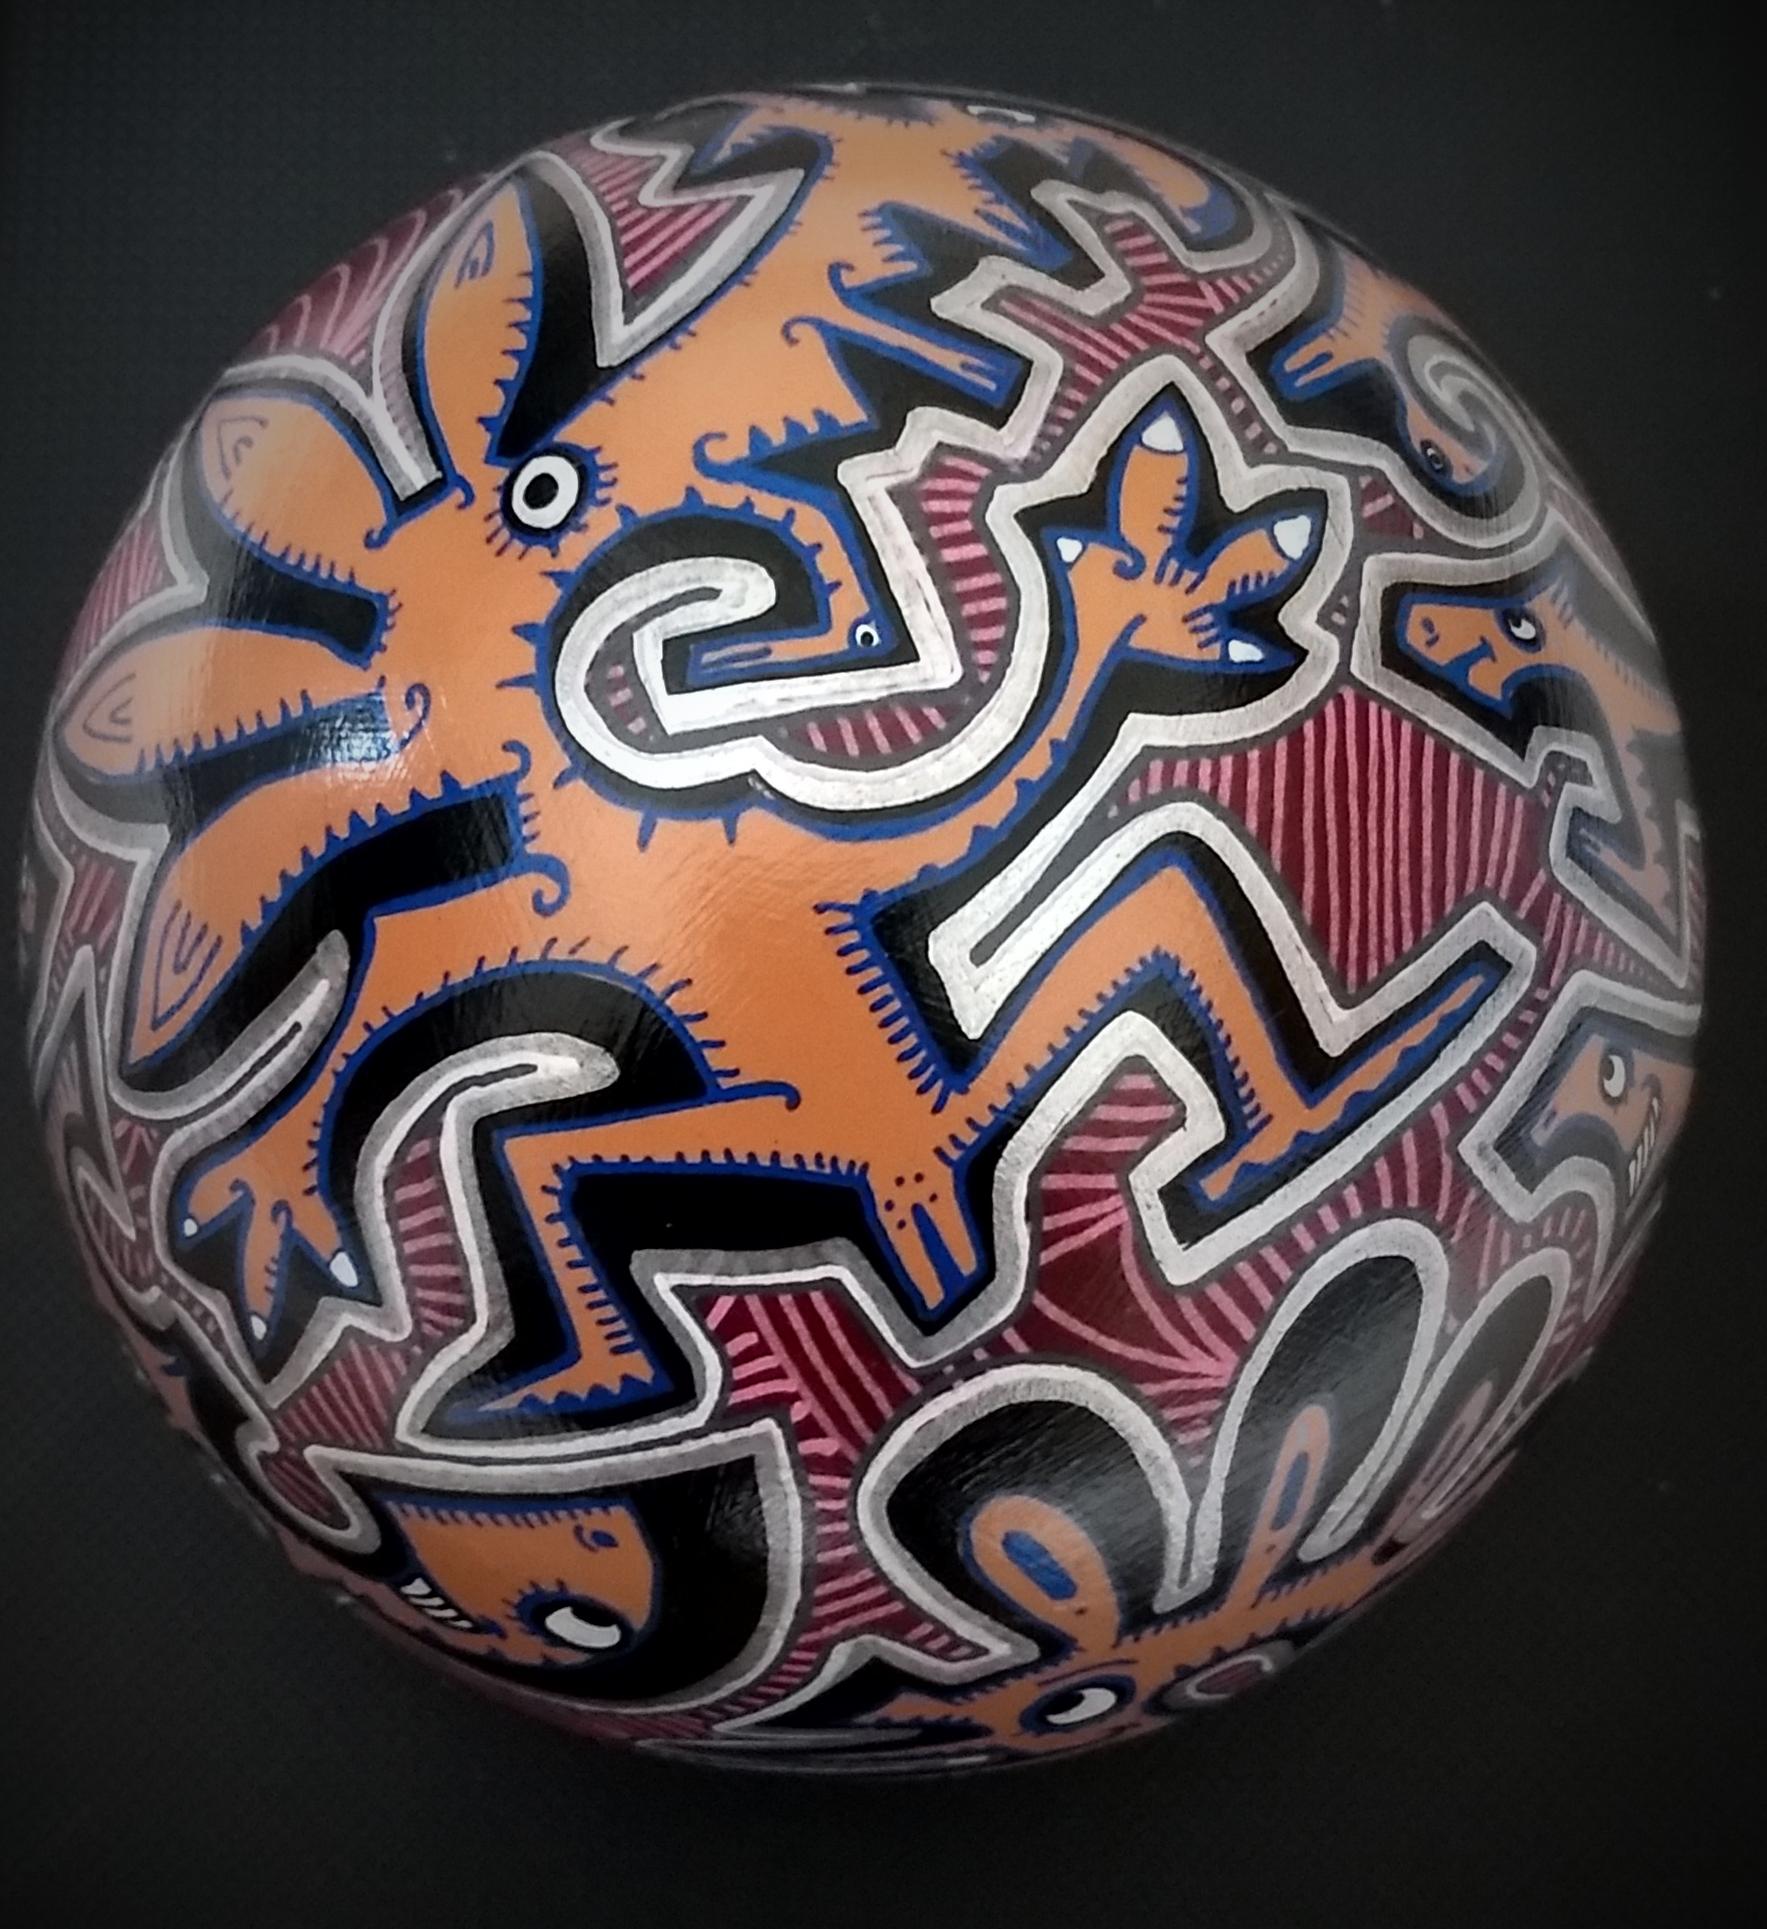 Sphère n°5/ sphère en terre cuite/ diamètre : 15 cm/ feutres acrylique/finition vernis satin/ prix : 35 euros